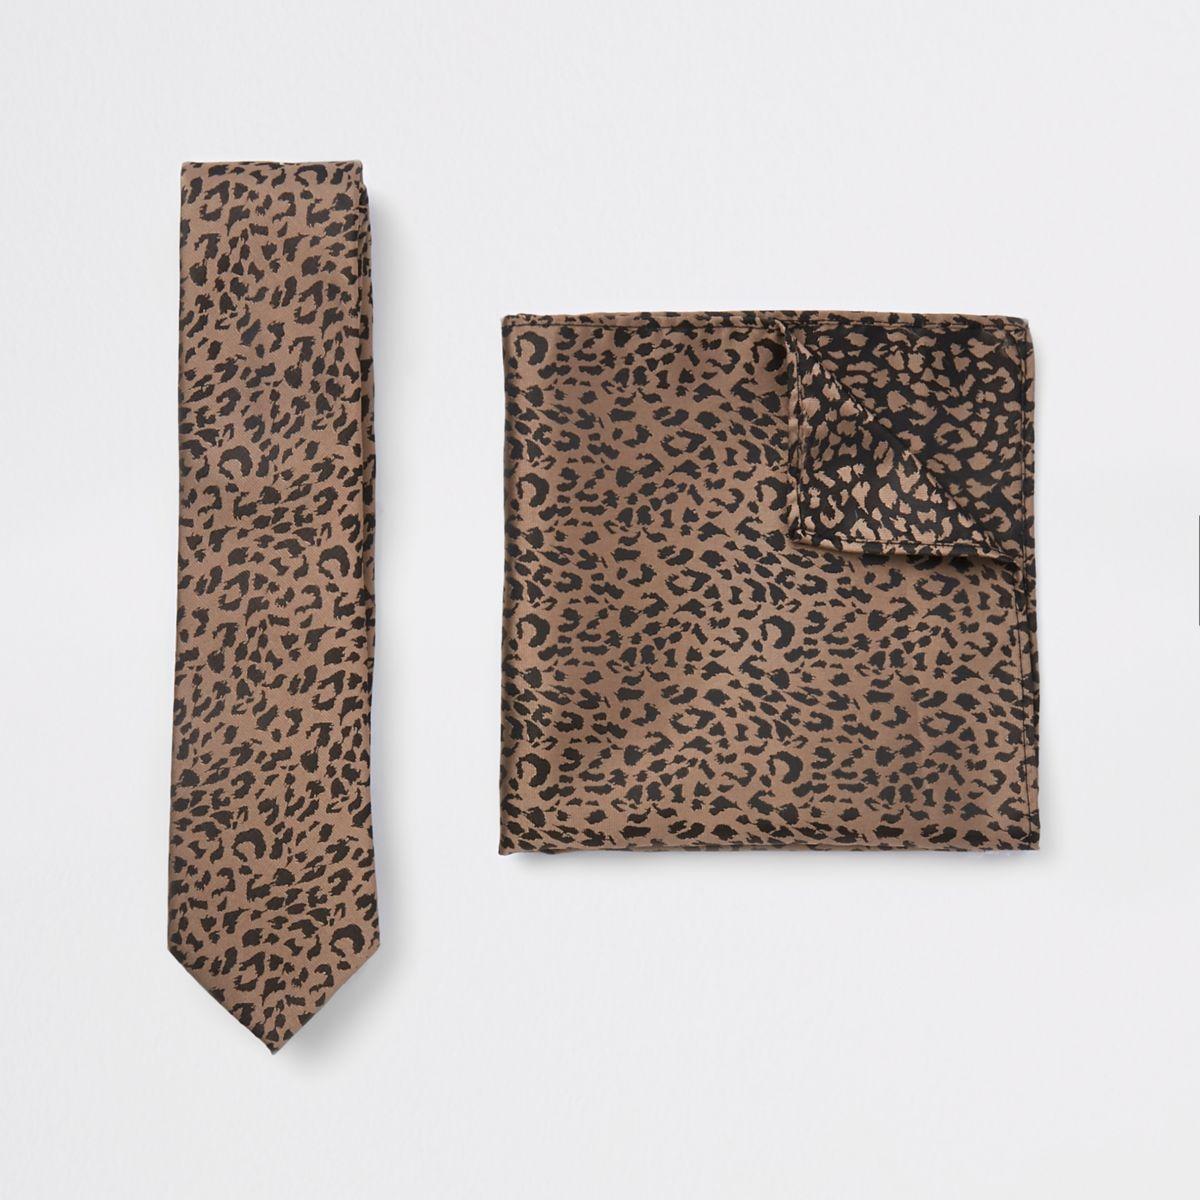 Ecru satin tie and leopard handkerchief set